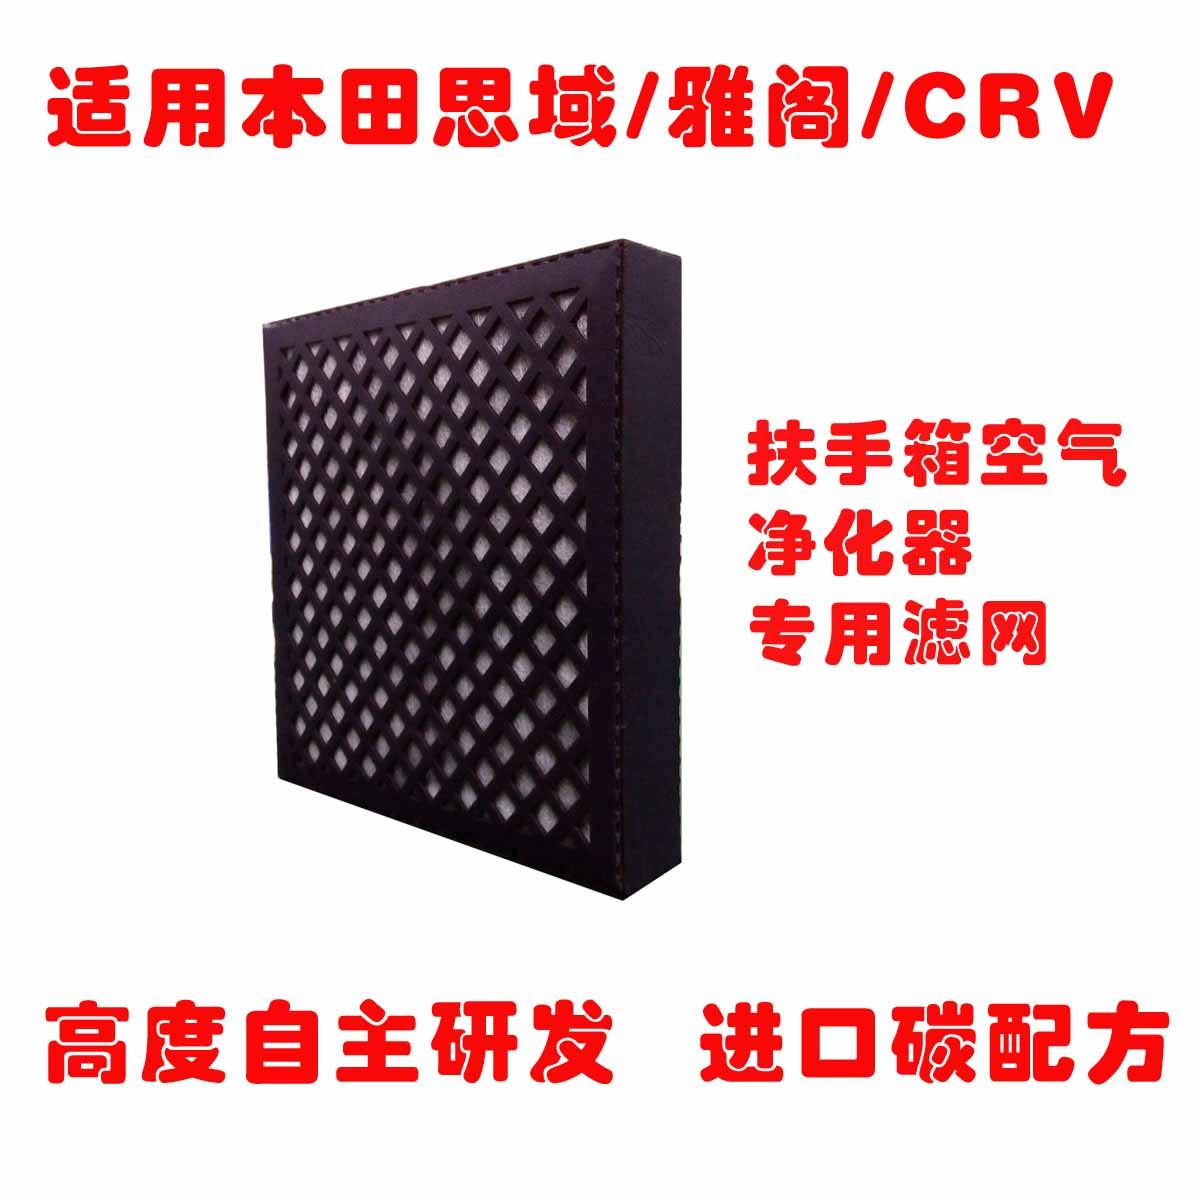 适配东风本田CRV雅阁思域扶手箱车载空气净化器滤芯过滤网